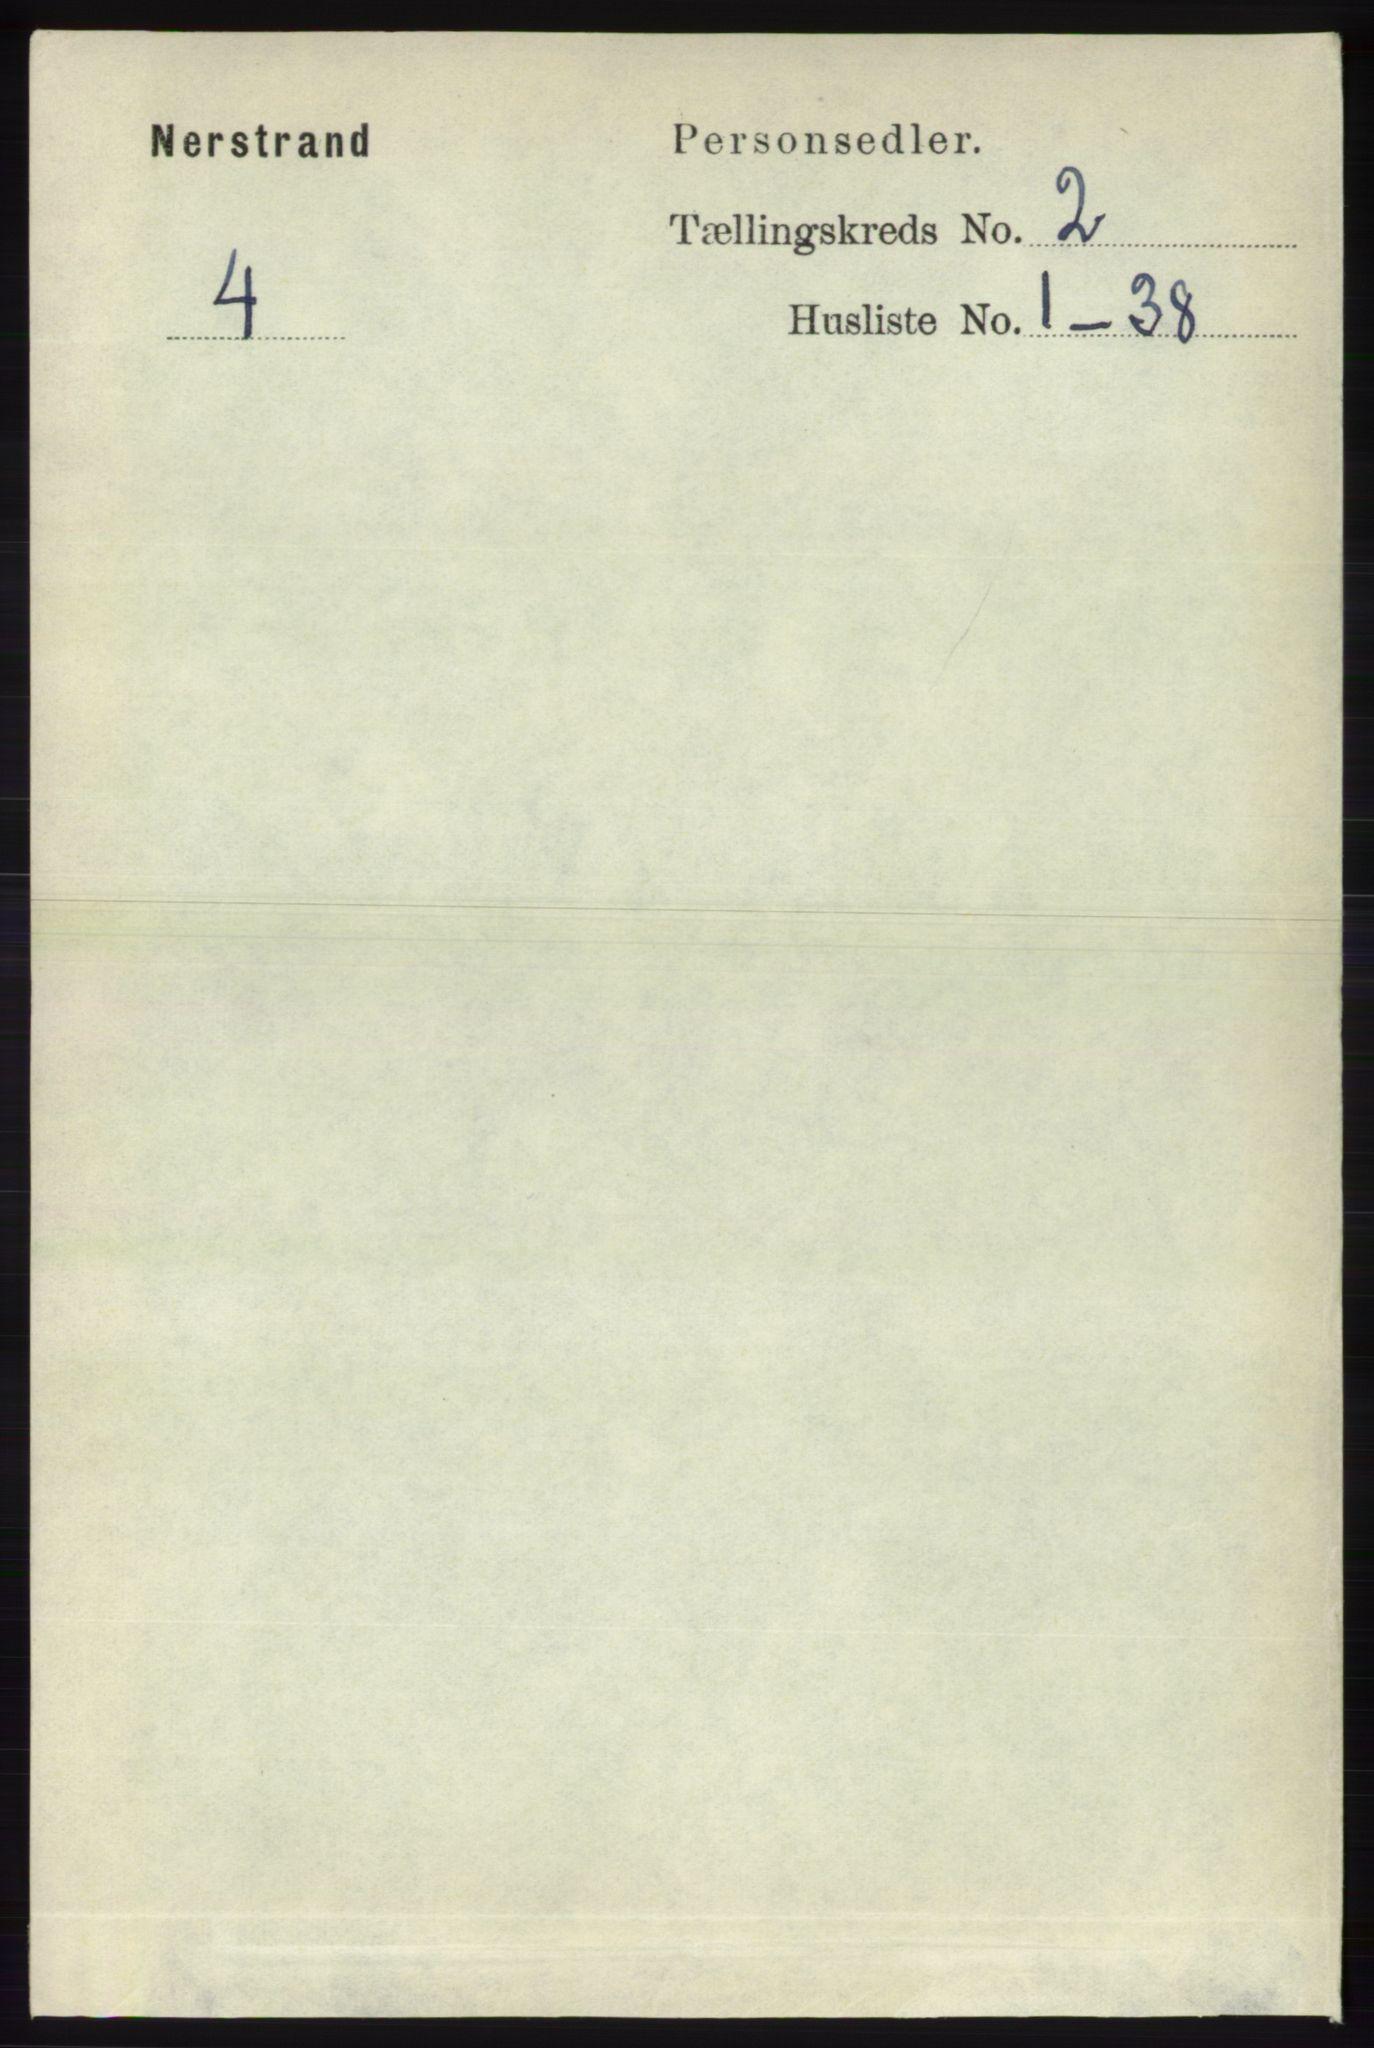 RA, Folketelling 1891 for 1139 Nedstrand herred, 1891, s. 245